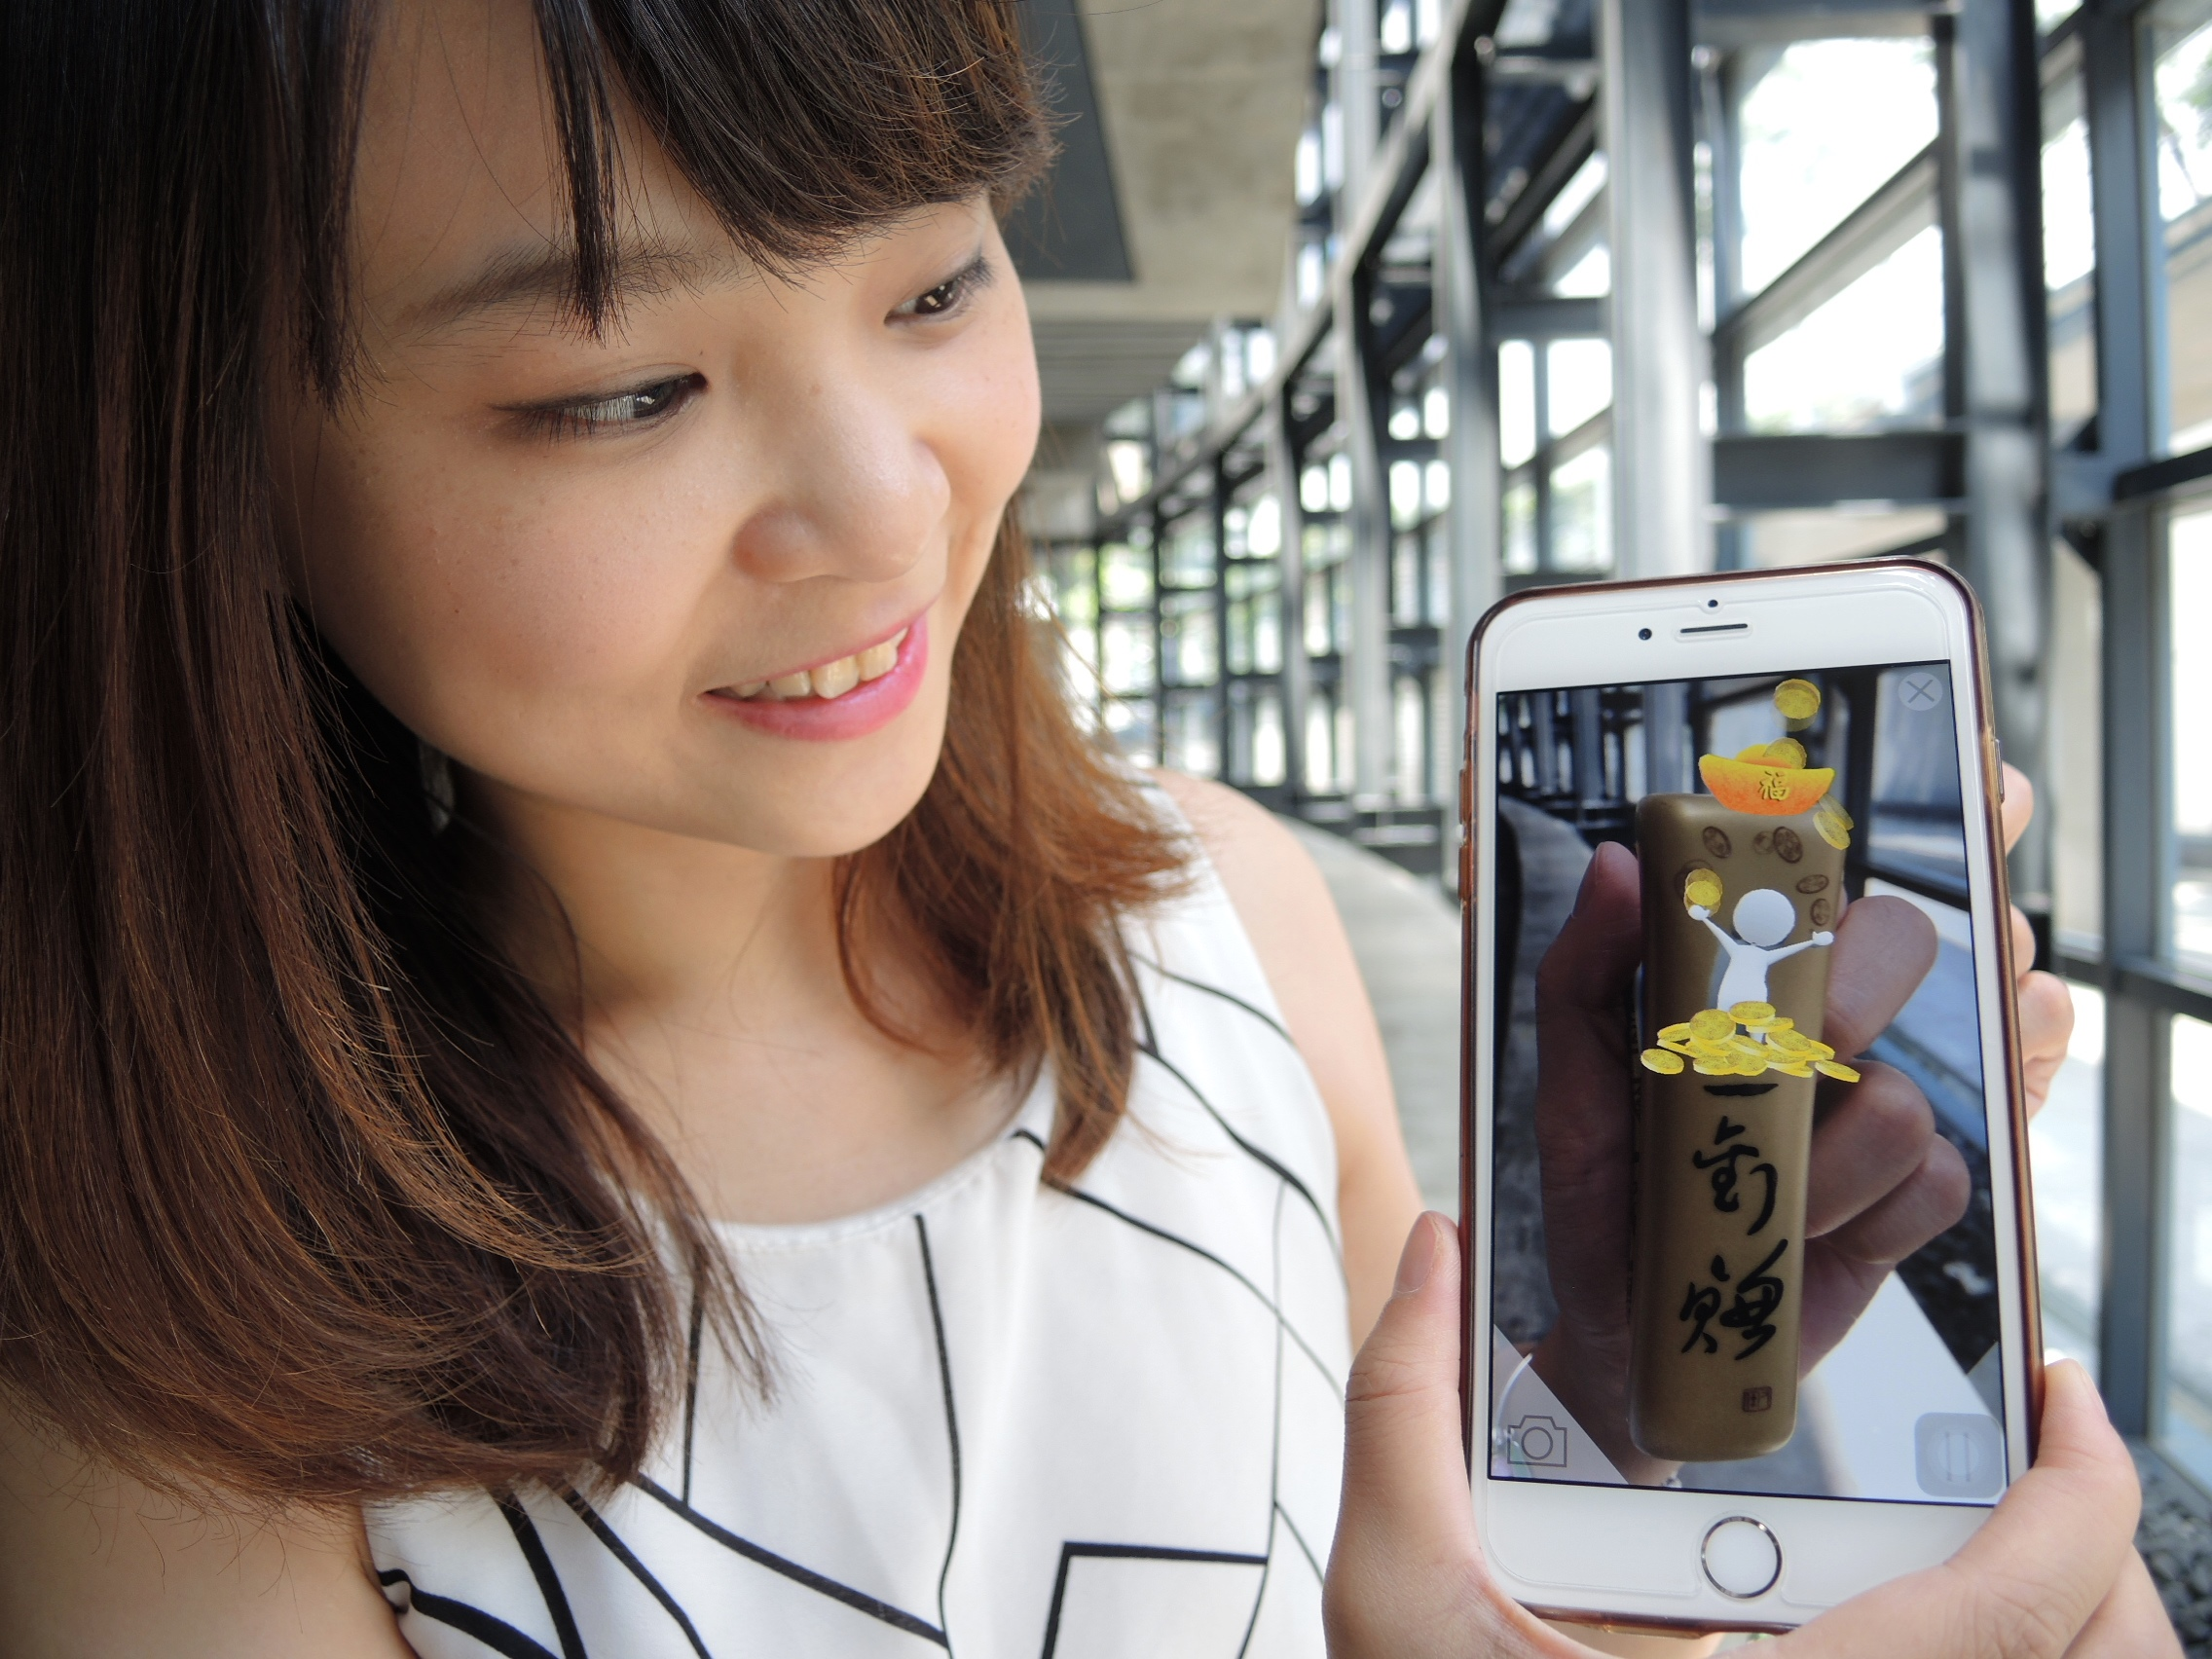 結合AR技術的「一定賺陶瓷釘書機」,送禮自用兩相宜。